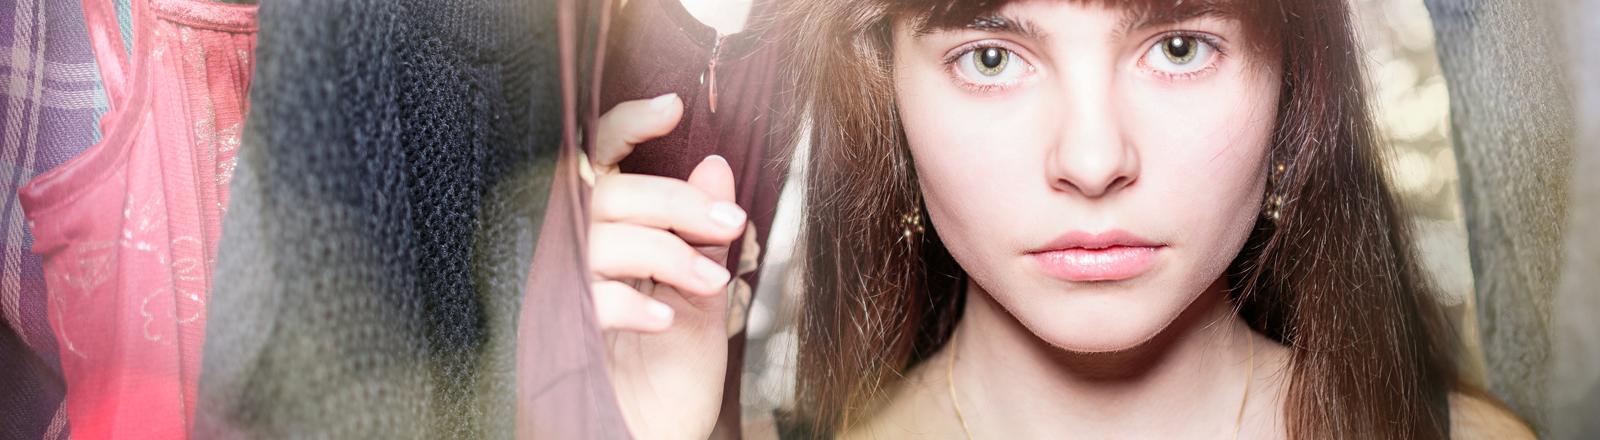 Eine junge Frau schaut aus ihrem Kleiderschrank durch ihre Kleider.